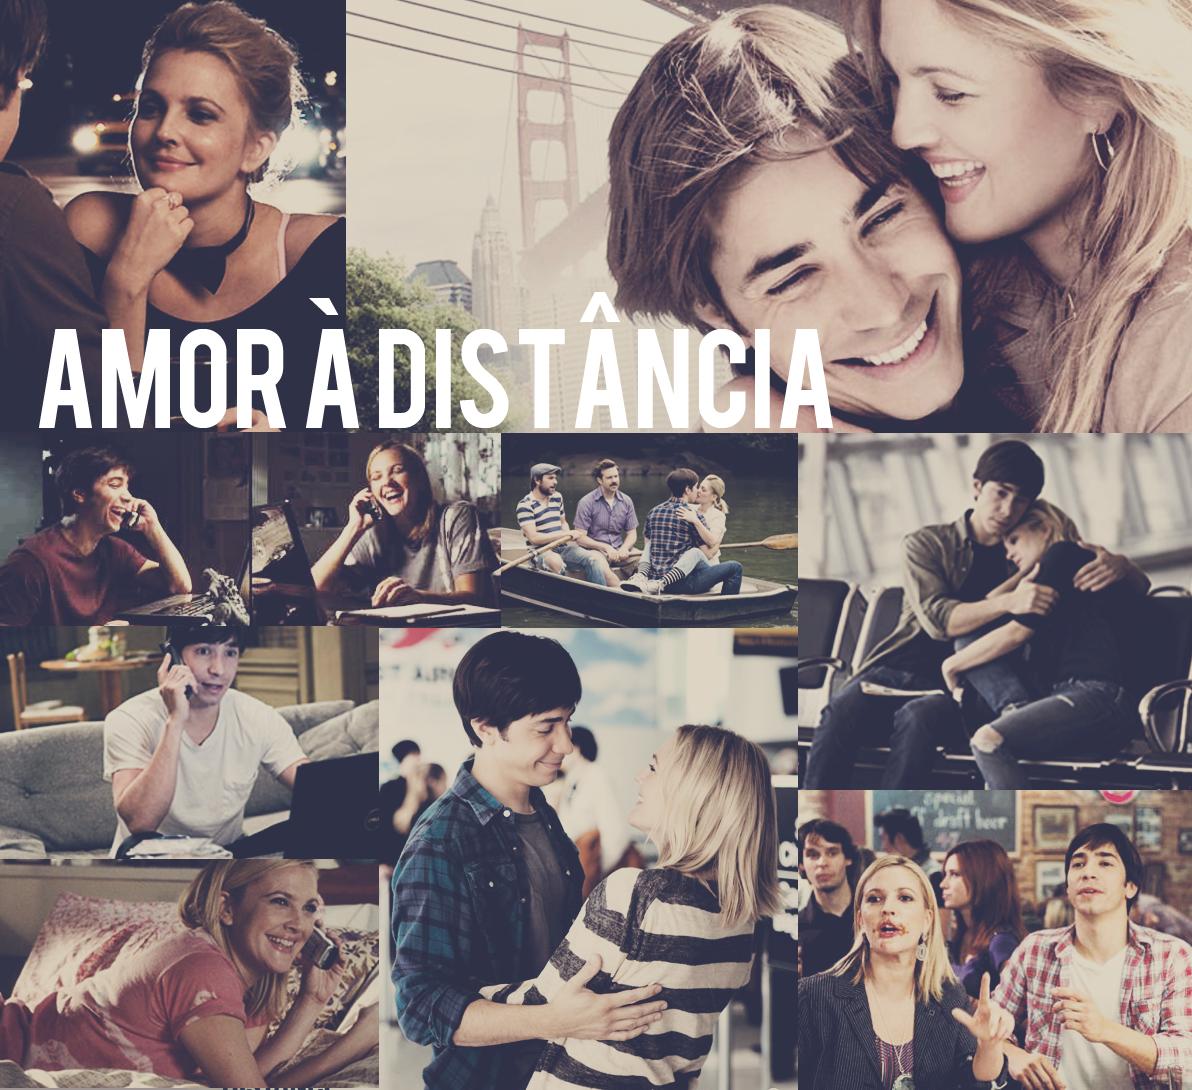 amor a distancia_Drew Barrymore_Justin Long_relacionamento a distância_filme triste_Romance_comédia romântica